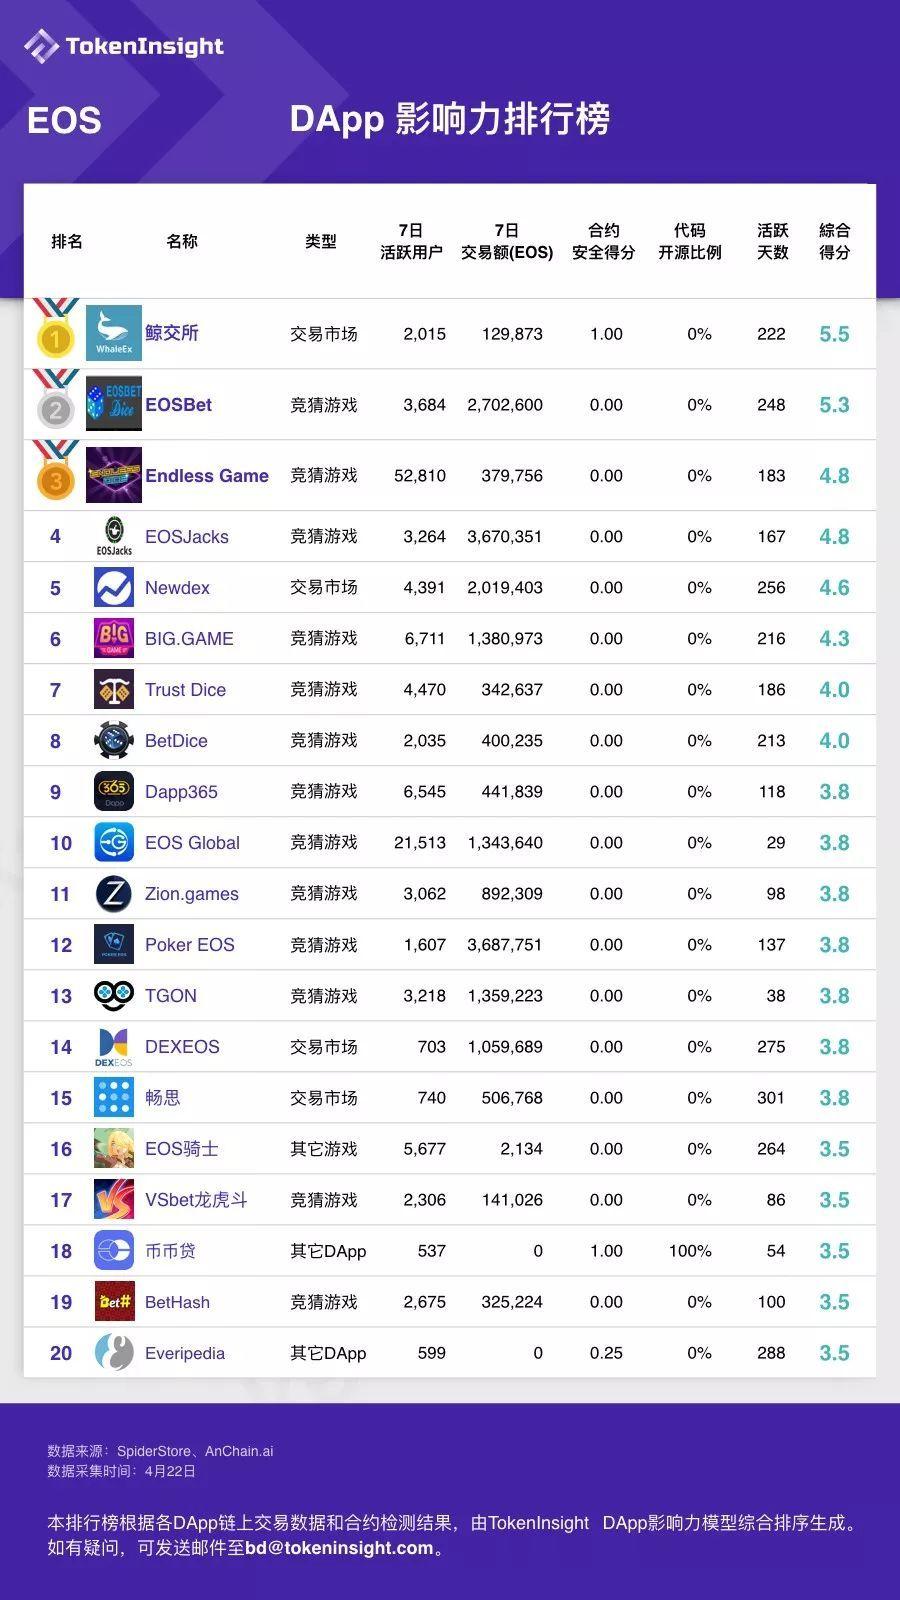 2019年第16周DApp影响力排行榜 | TokenInsight